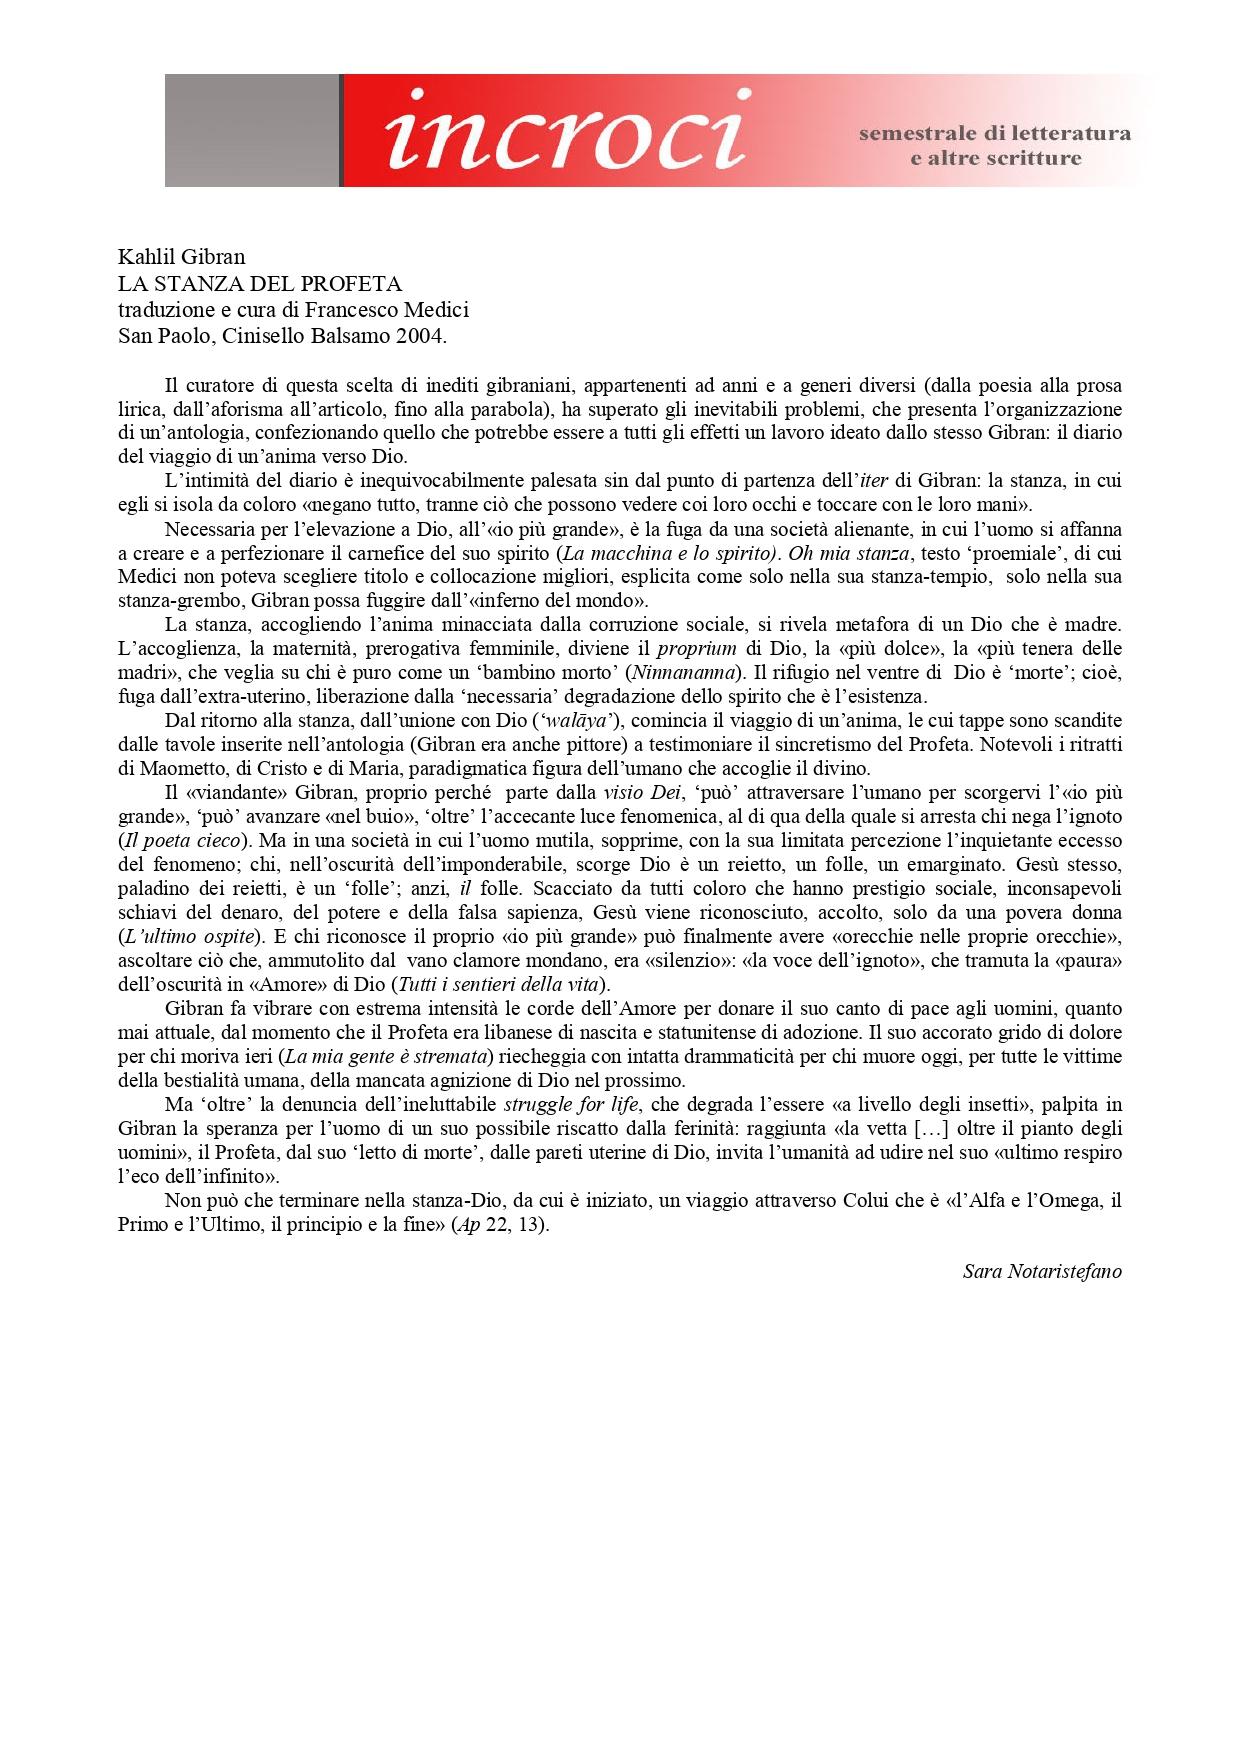 """Sara Notaristefano, """"La stanza del profeta di Kahlil Gibran"""", «incroci», 11, Jul-Dec 2005"""